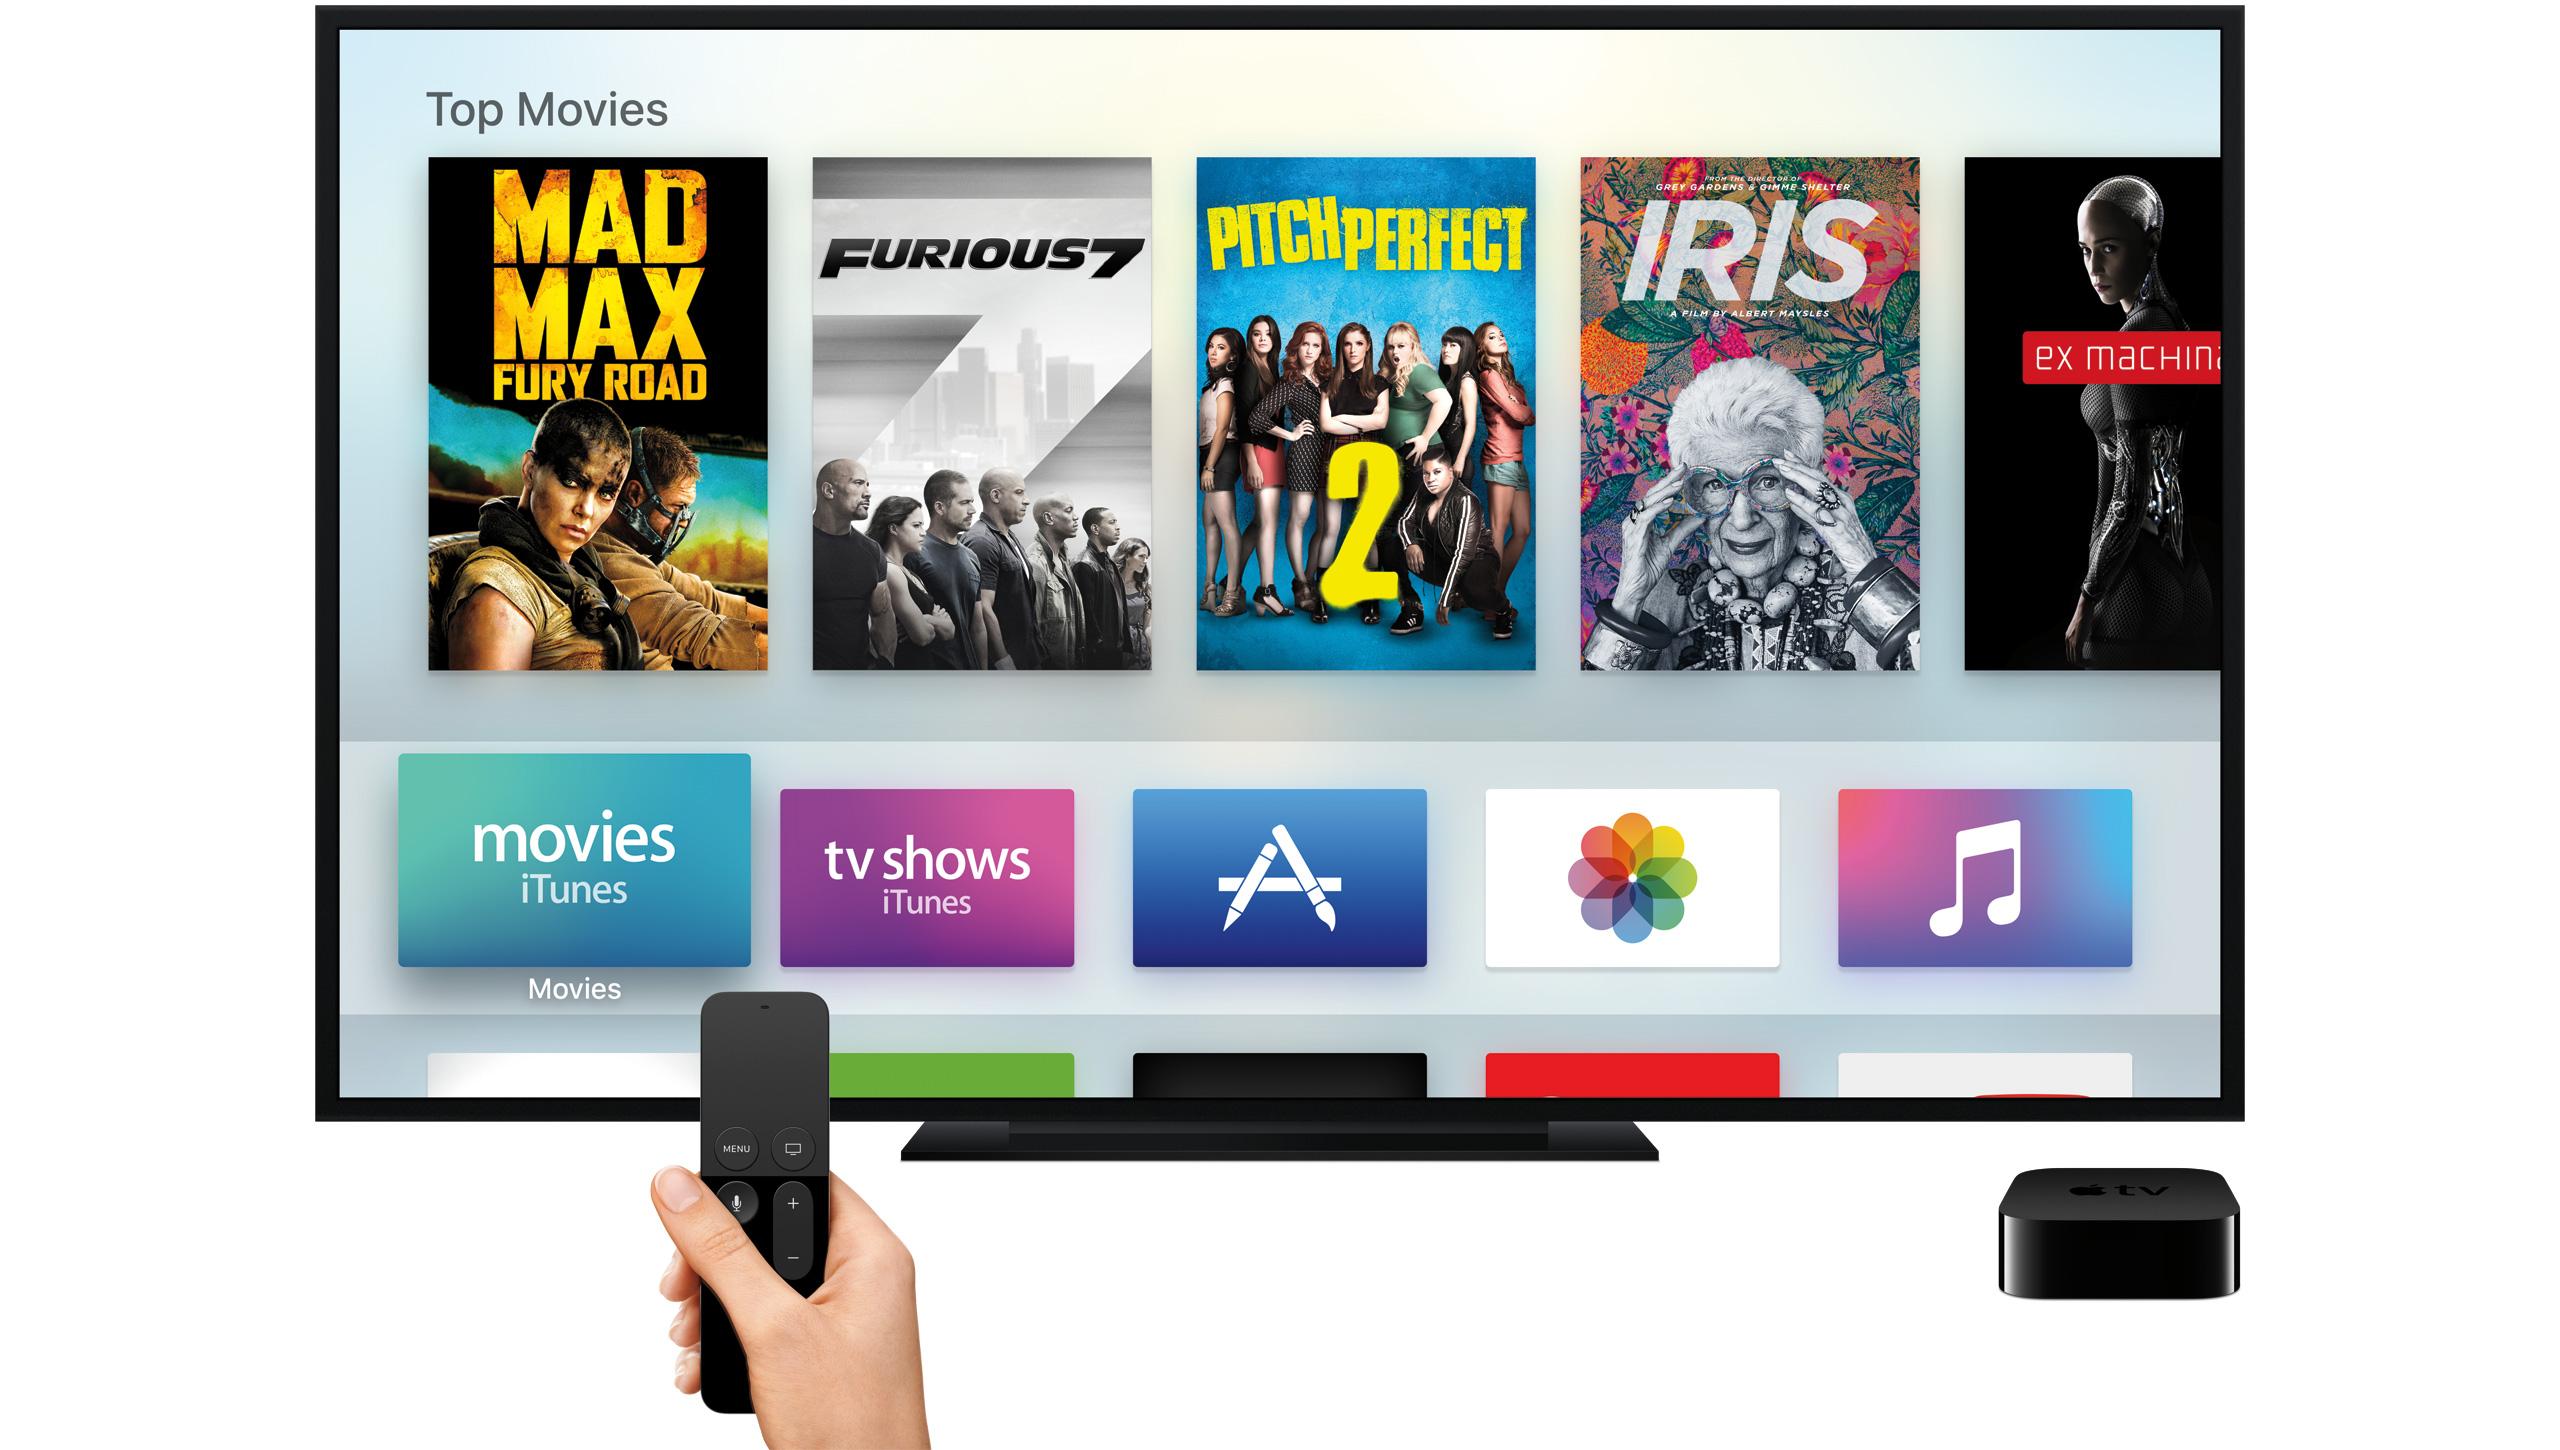 Ce descarca primii utilizatori Apple TV 4